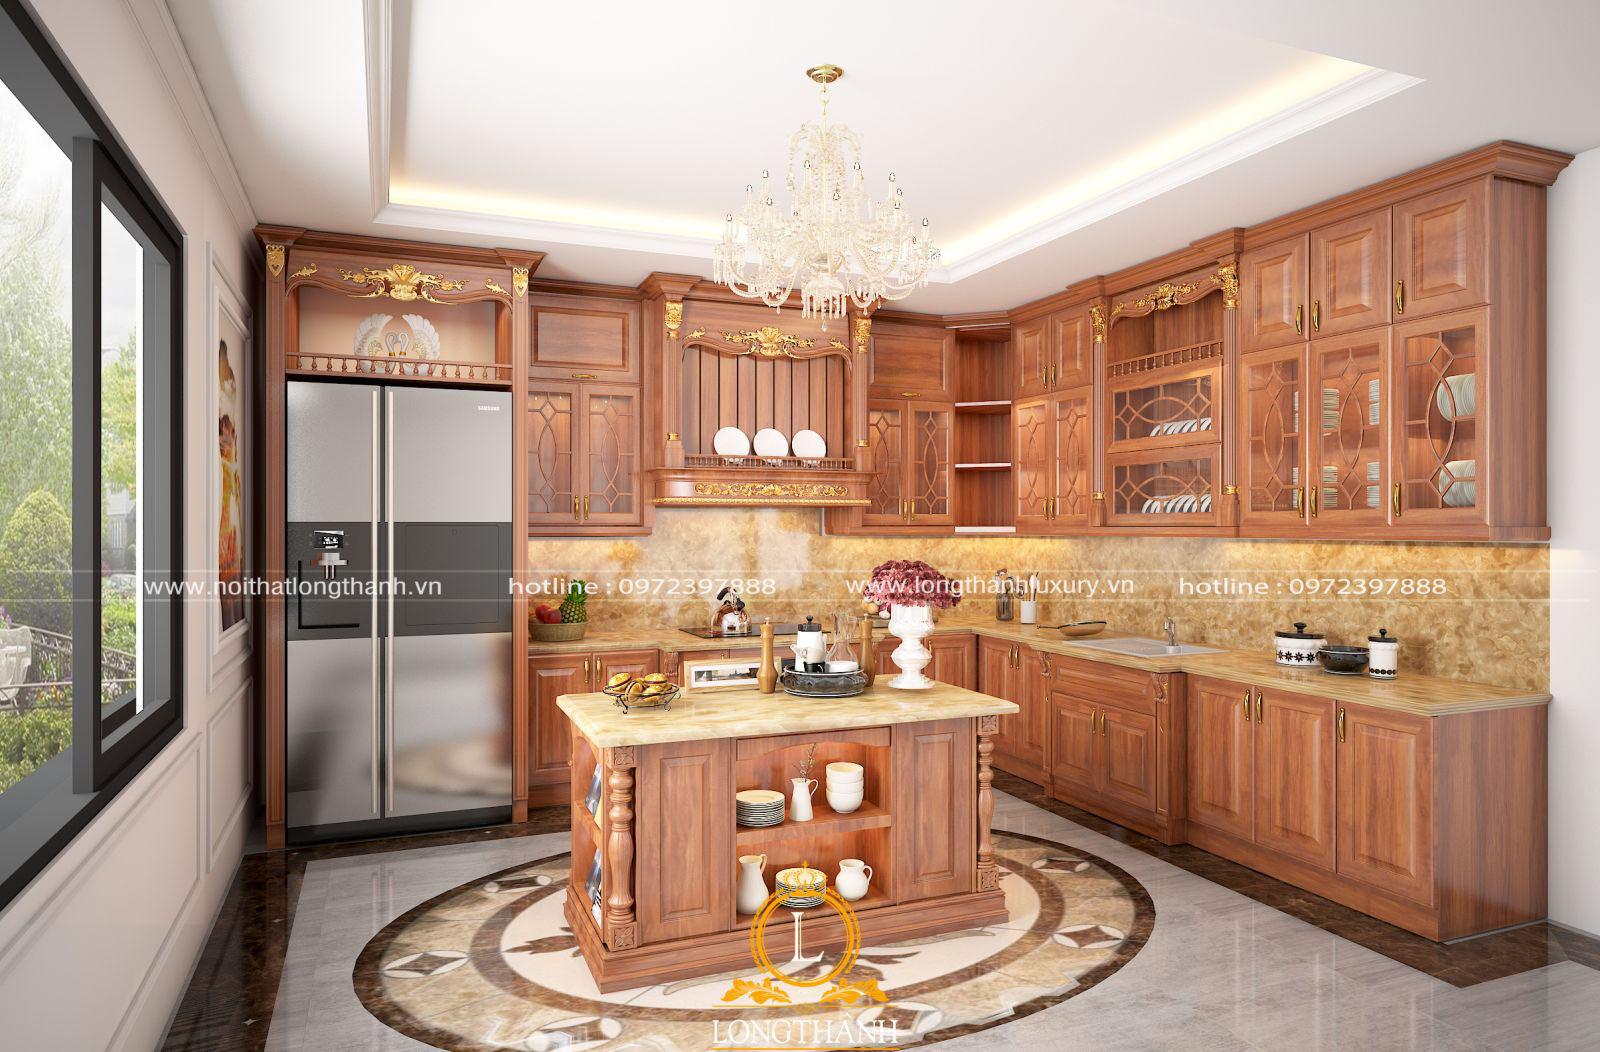 Mẫu thiết kế tủ bếp gỗ tự nhiên đẹp, sang trọng